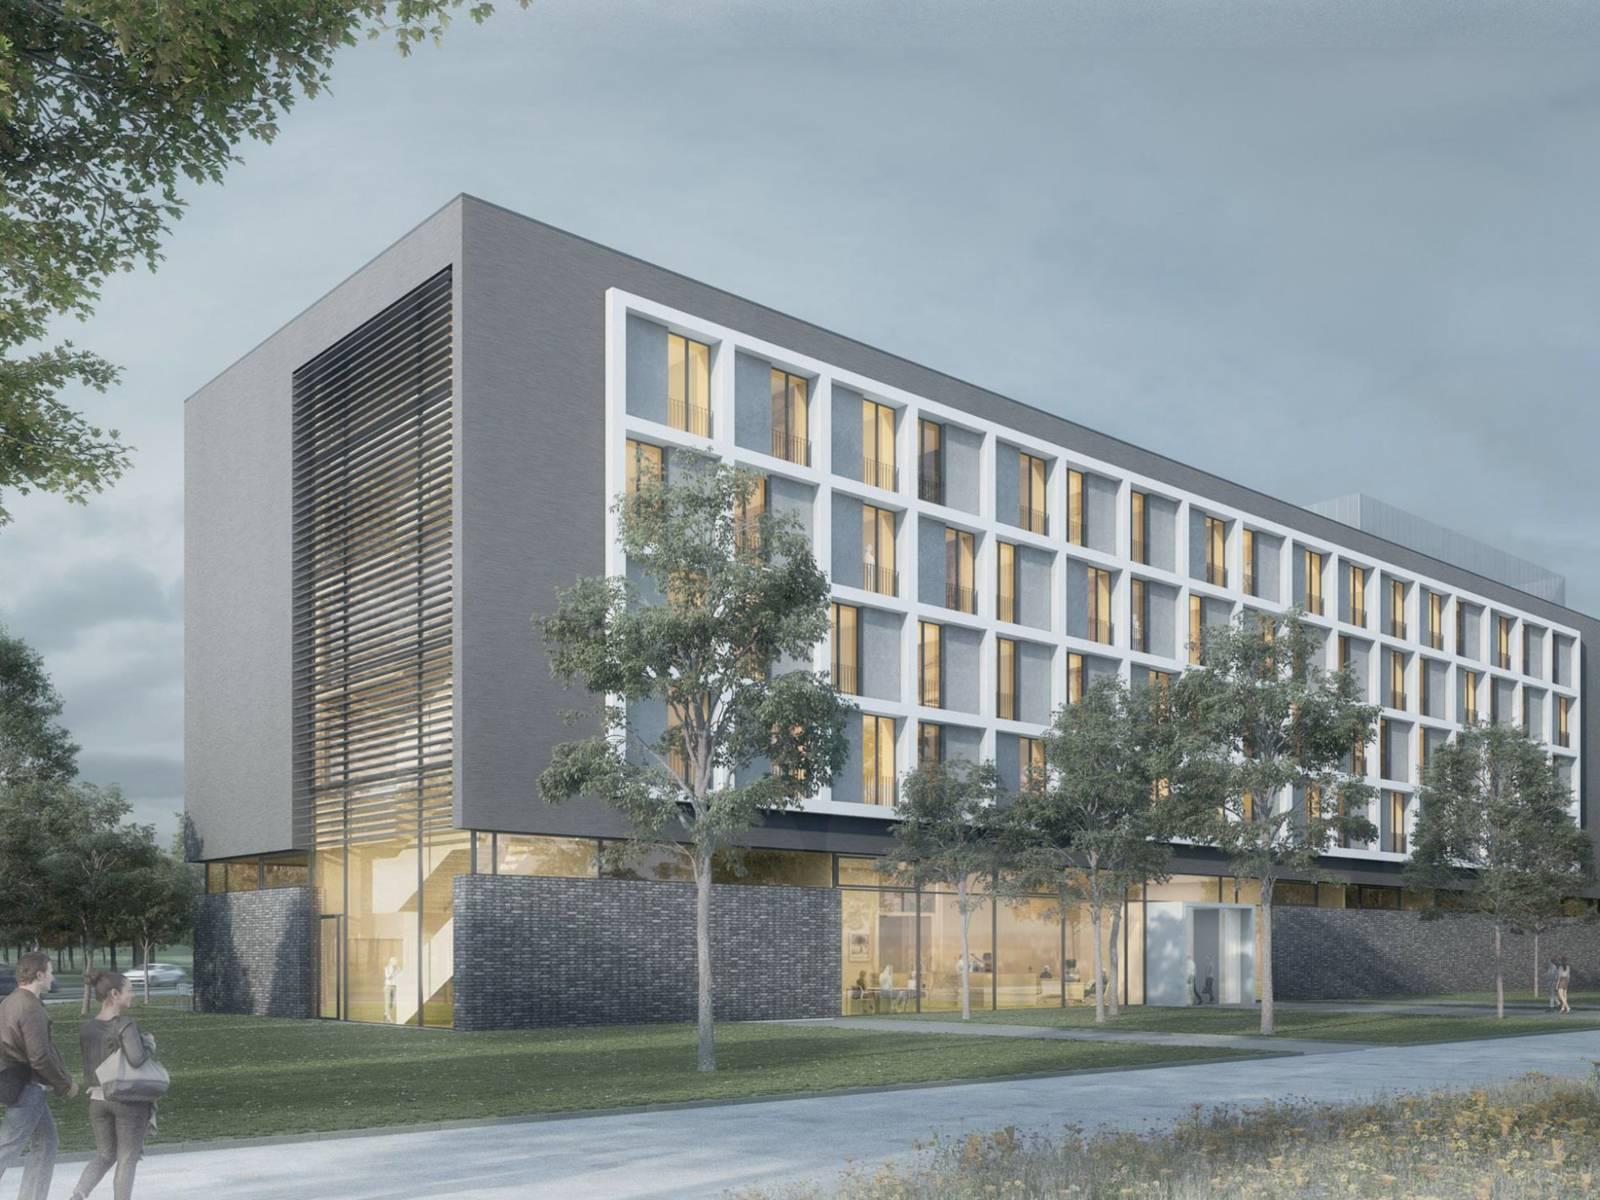 Entwurf eines Hotels.